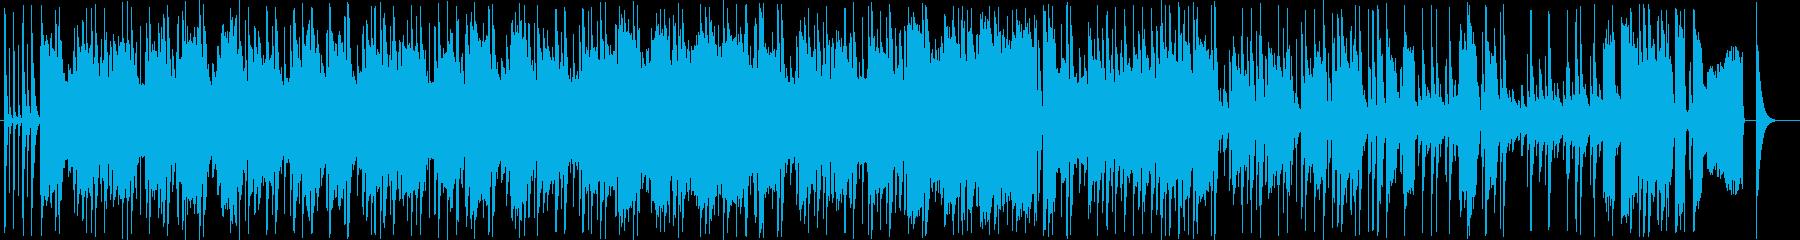 シンキングタイム 不思議 考え中の再生済みの波形